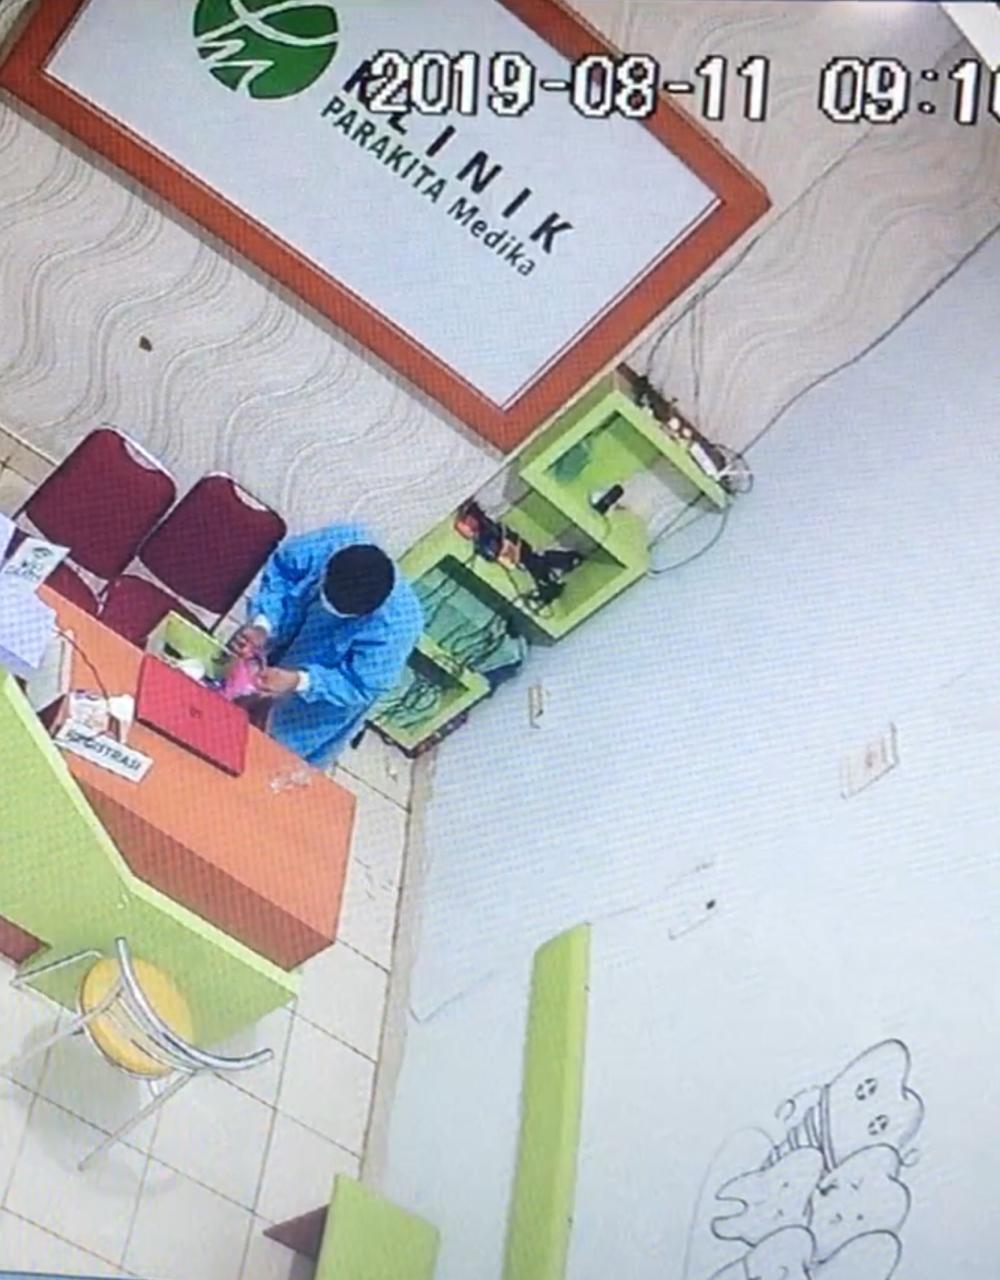 Gunakan Jas Lab dan Masker, Pencuri Gasak Laptop di Klinik Parakita, Minta Polisi Tangkap